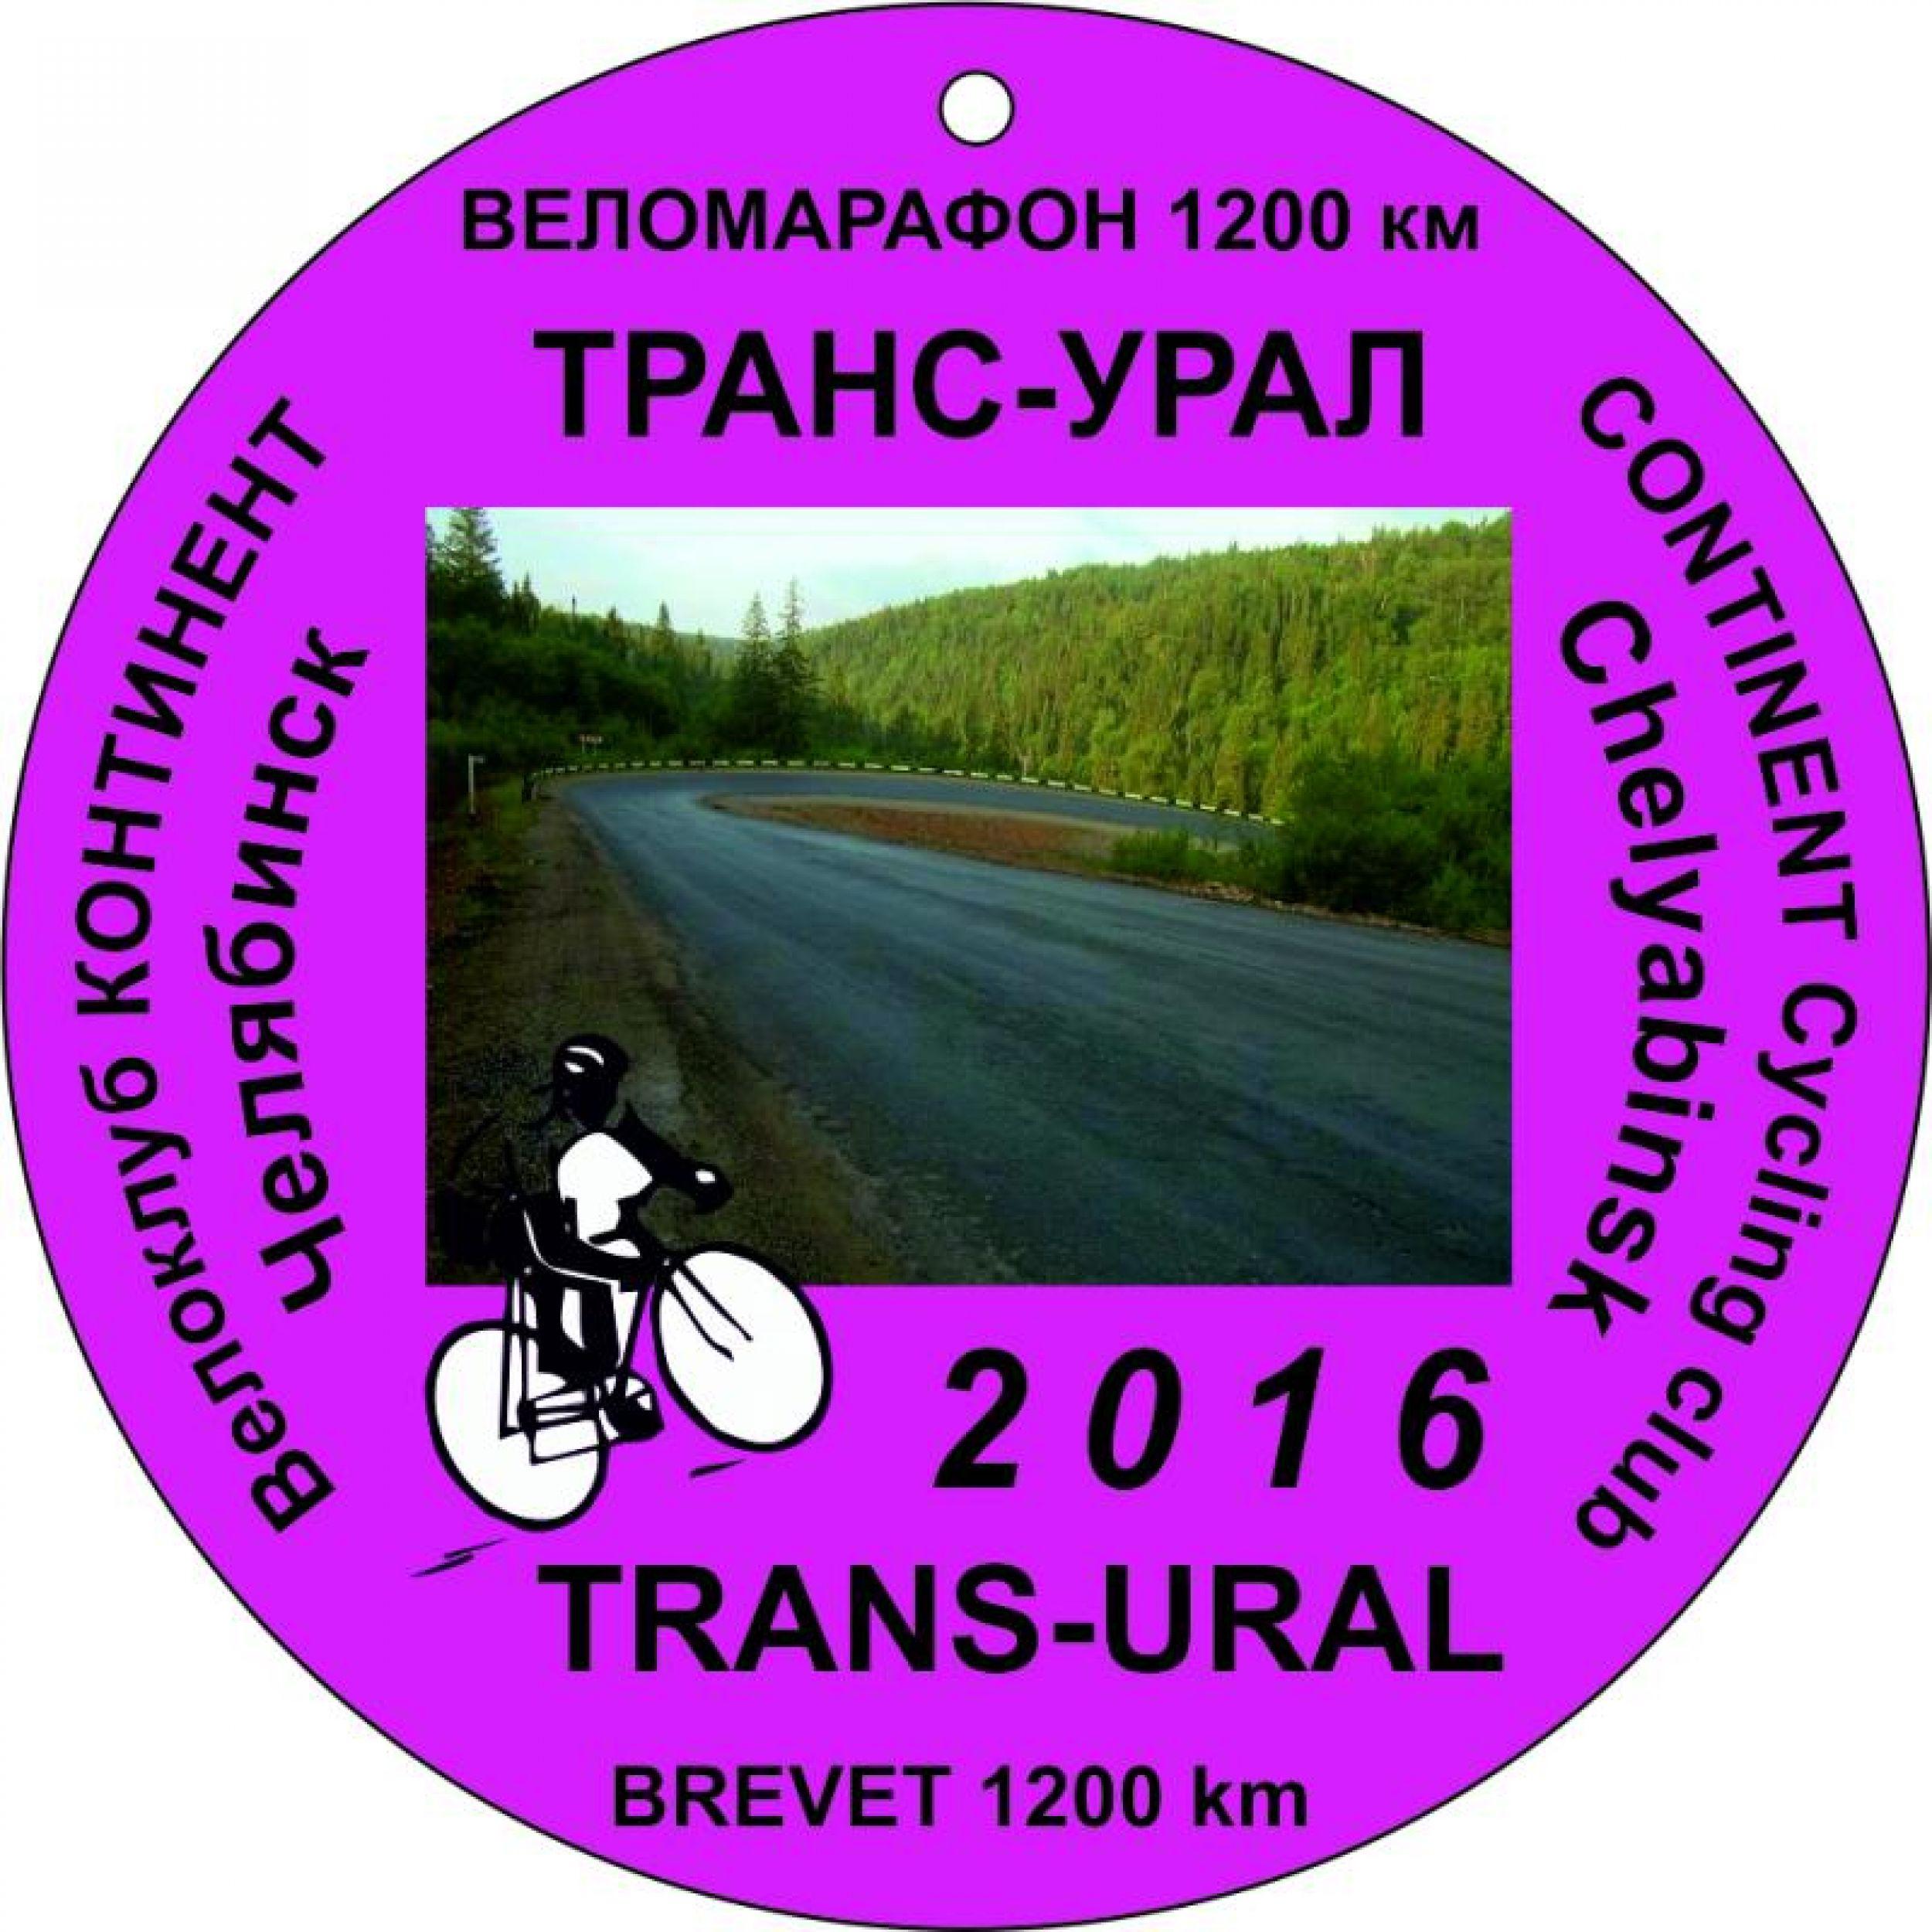 Obverse_side_of_medal_1200.jpg